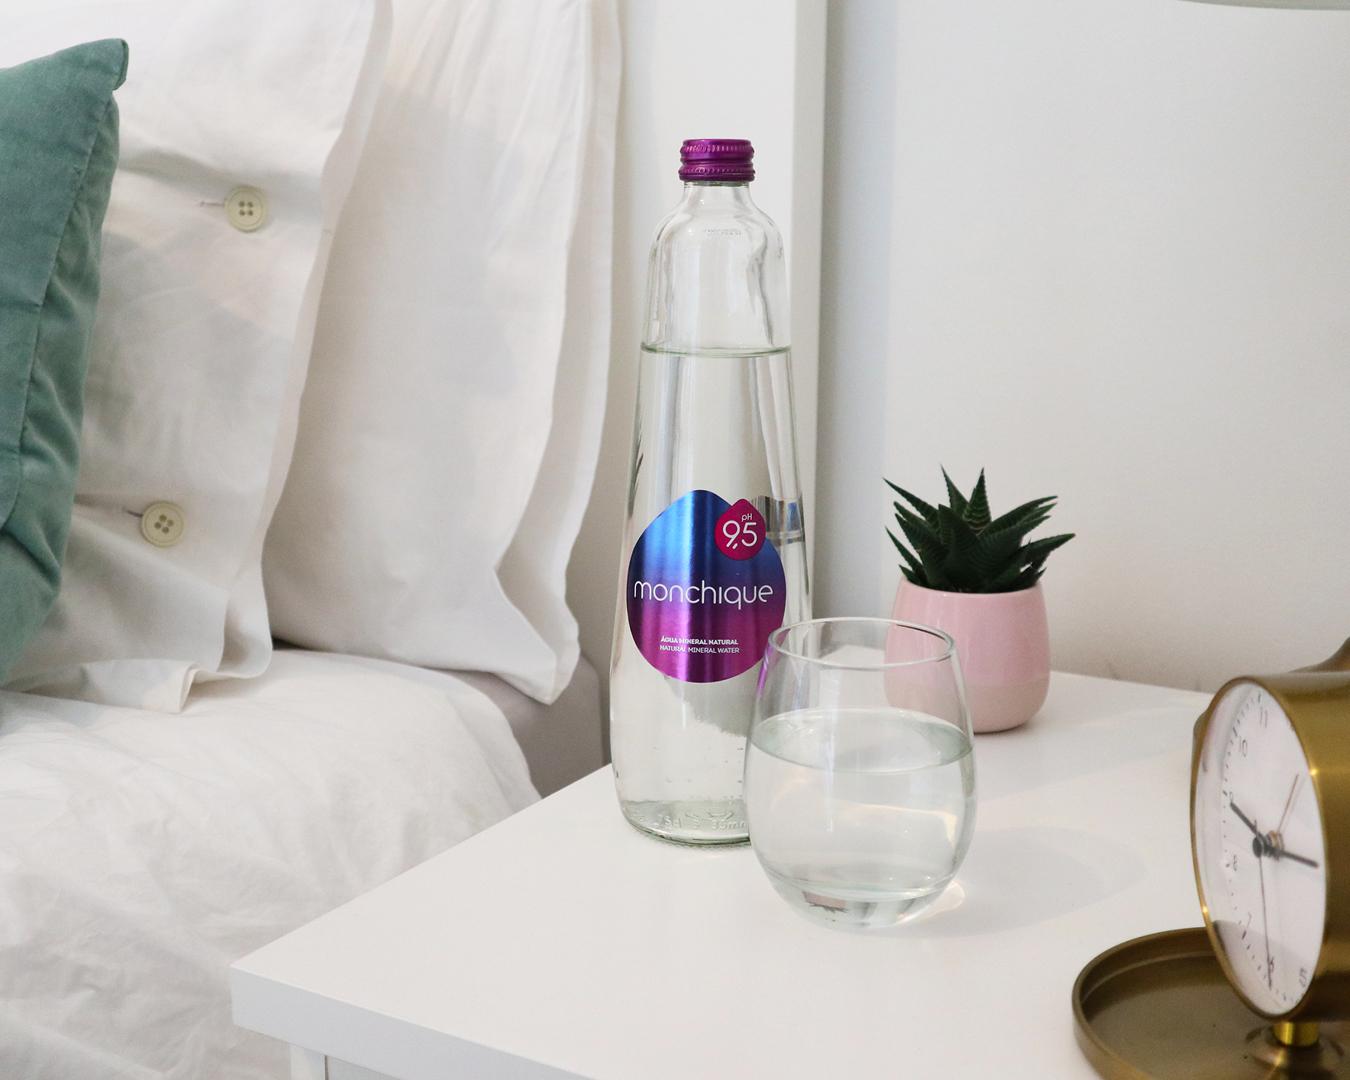 garrafa-agua-monchique